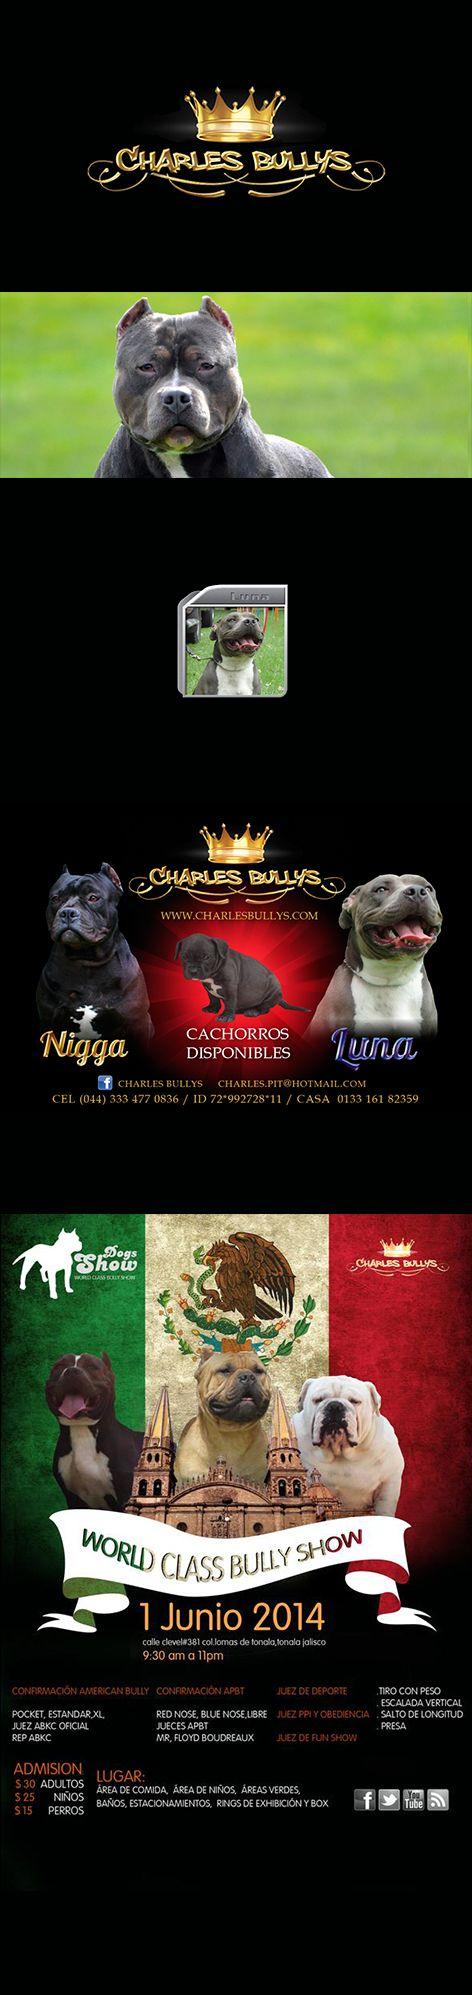 Charles Bully   Criador de Perros publicidad banner y botón